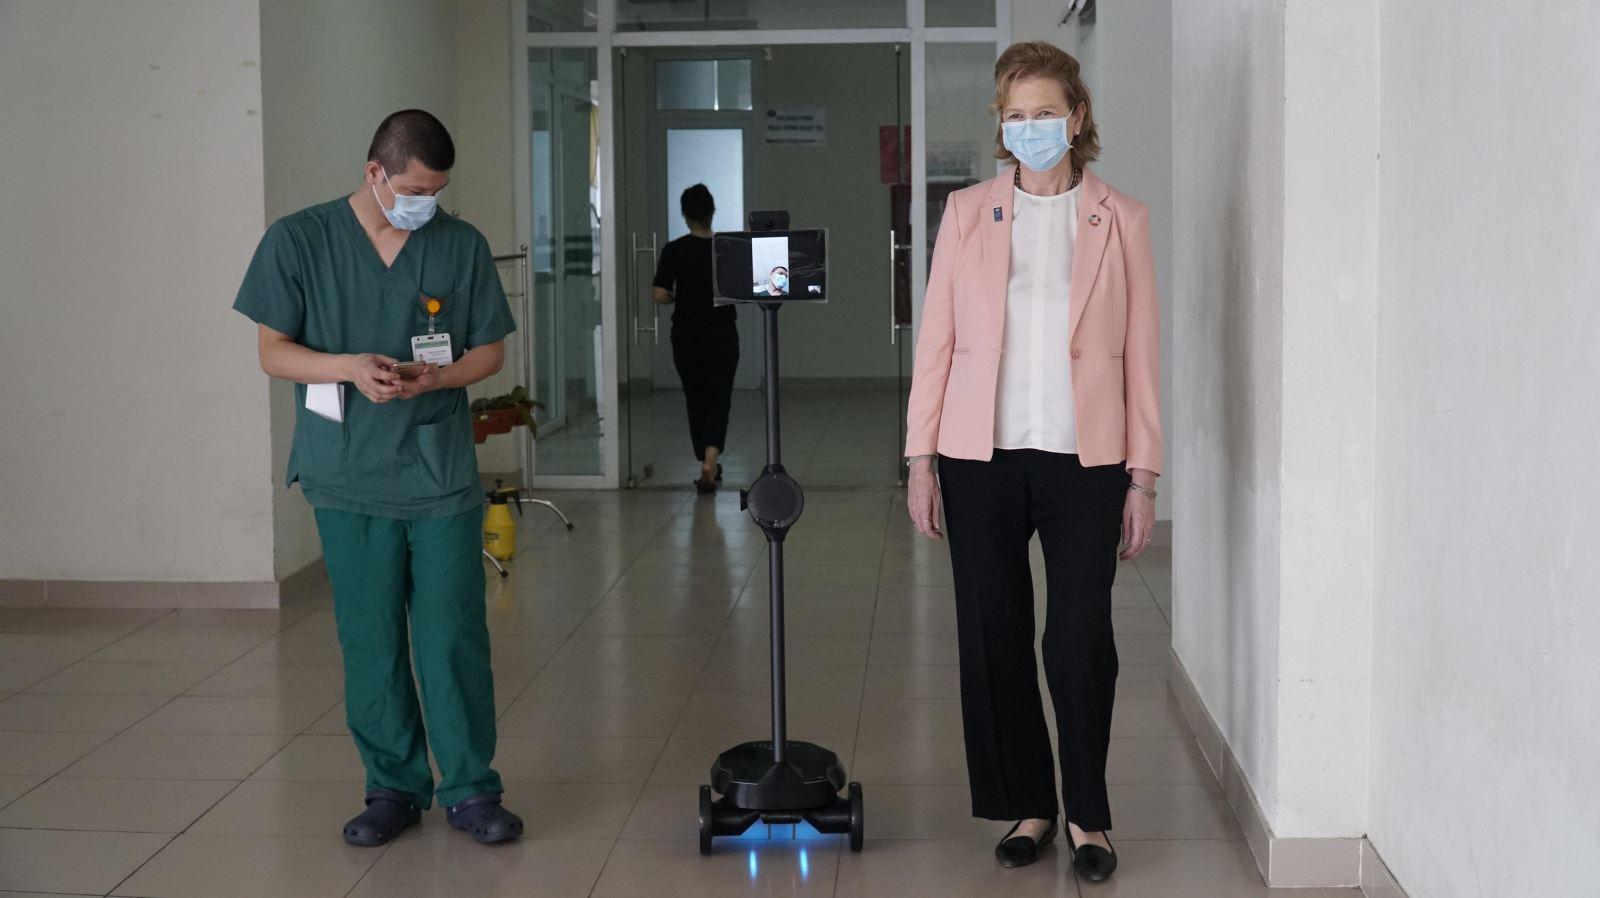 Bệnh viện Bệnh nhiệt đới Trung ương và UNDP thử nghiệm Ohmni robot trong thời kì Covid-19 | Nguồn: BV BNDTW